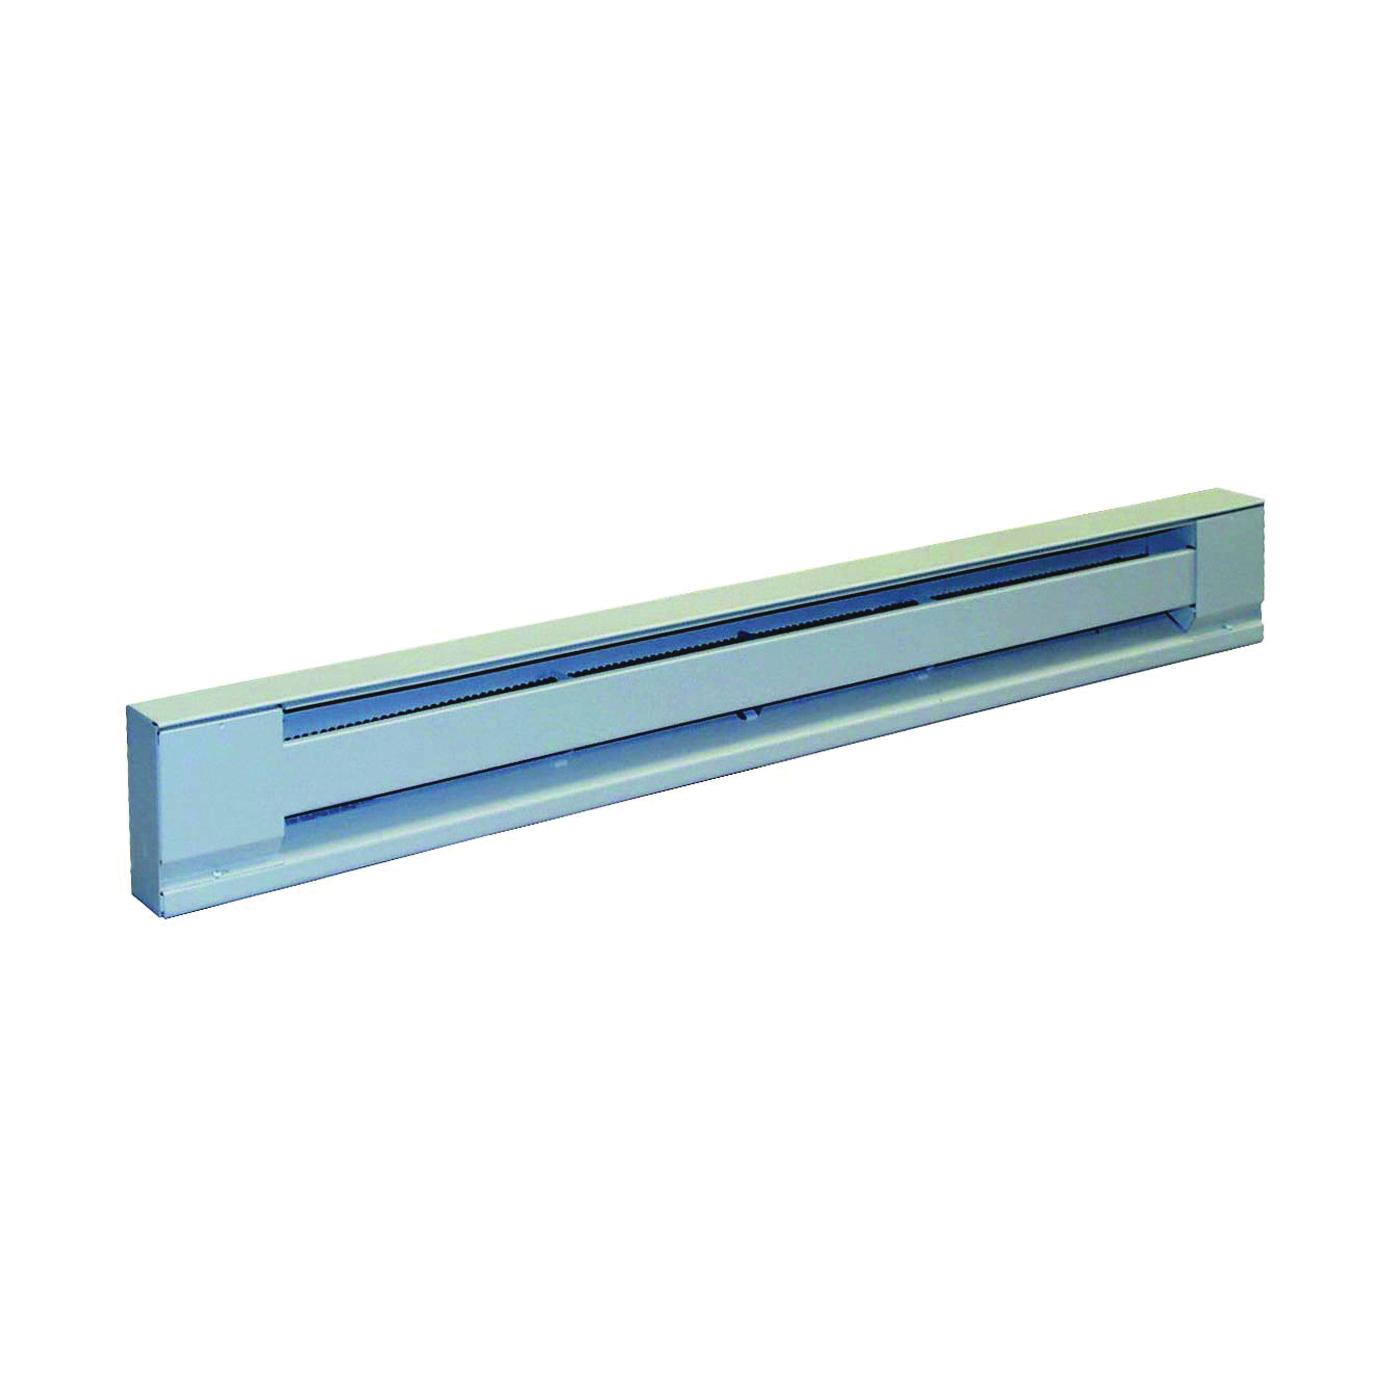 Picture of TPI 2900S Series H2910-048S Baseboard Heater, 4.2/3.6 A, 208/240 V, 3413/2550 Btu/hr BTU, Ivory